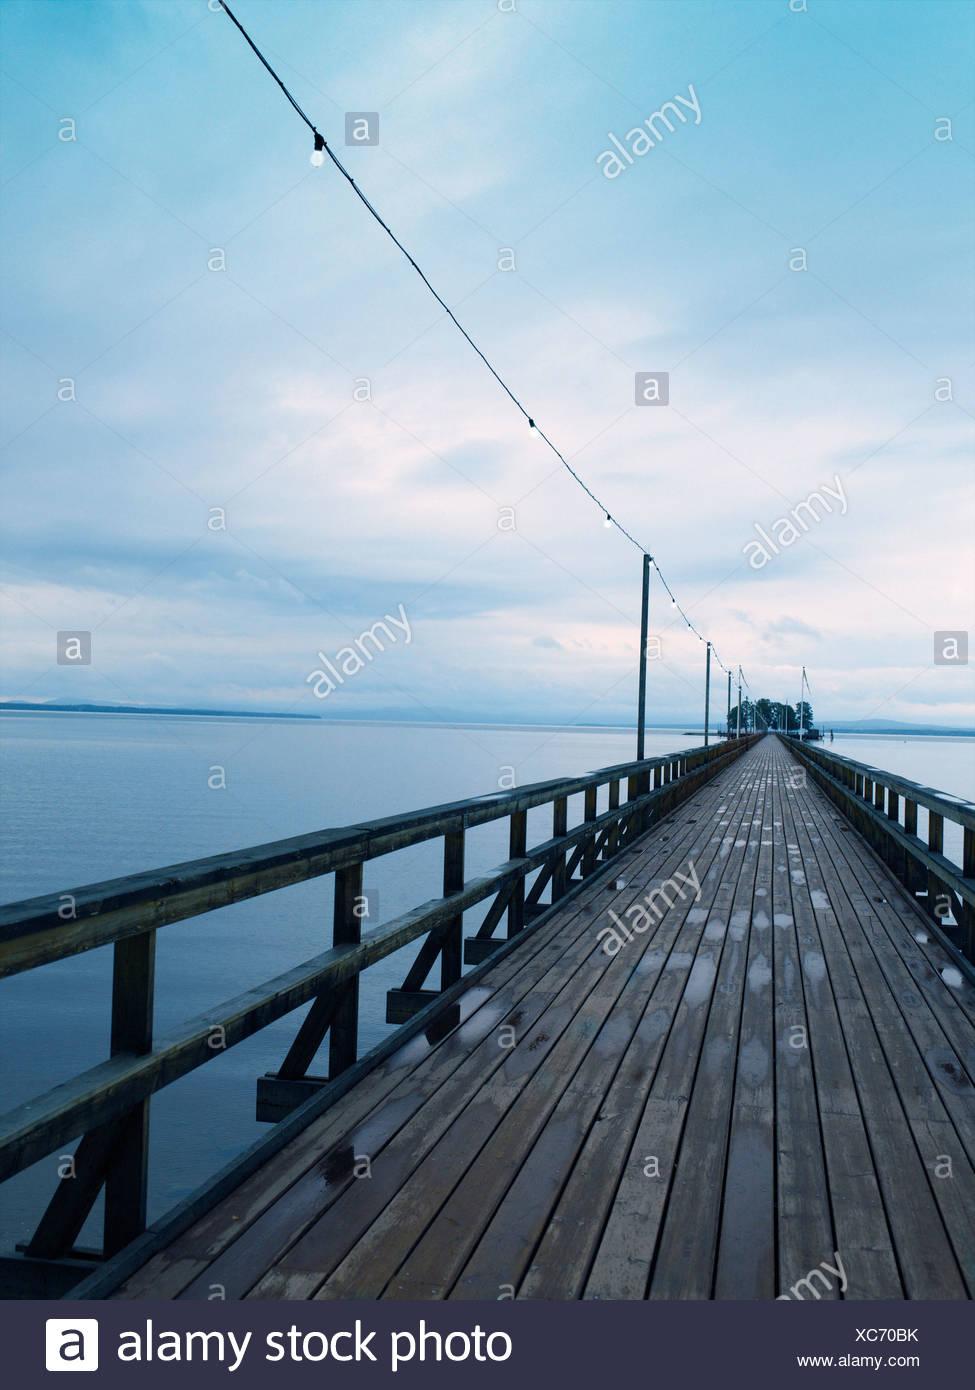 A boardwalk in Dalarna Sweden. - Stock Image